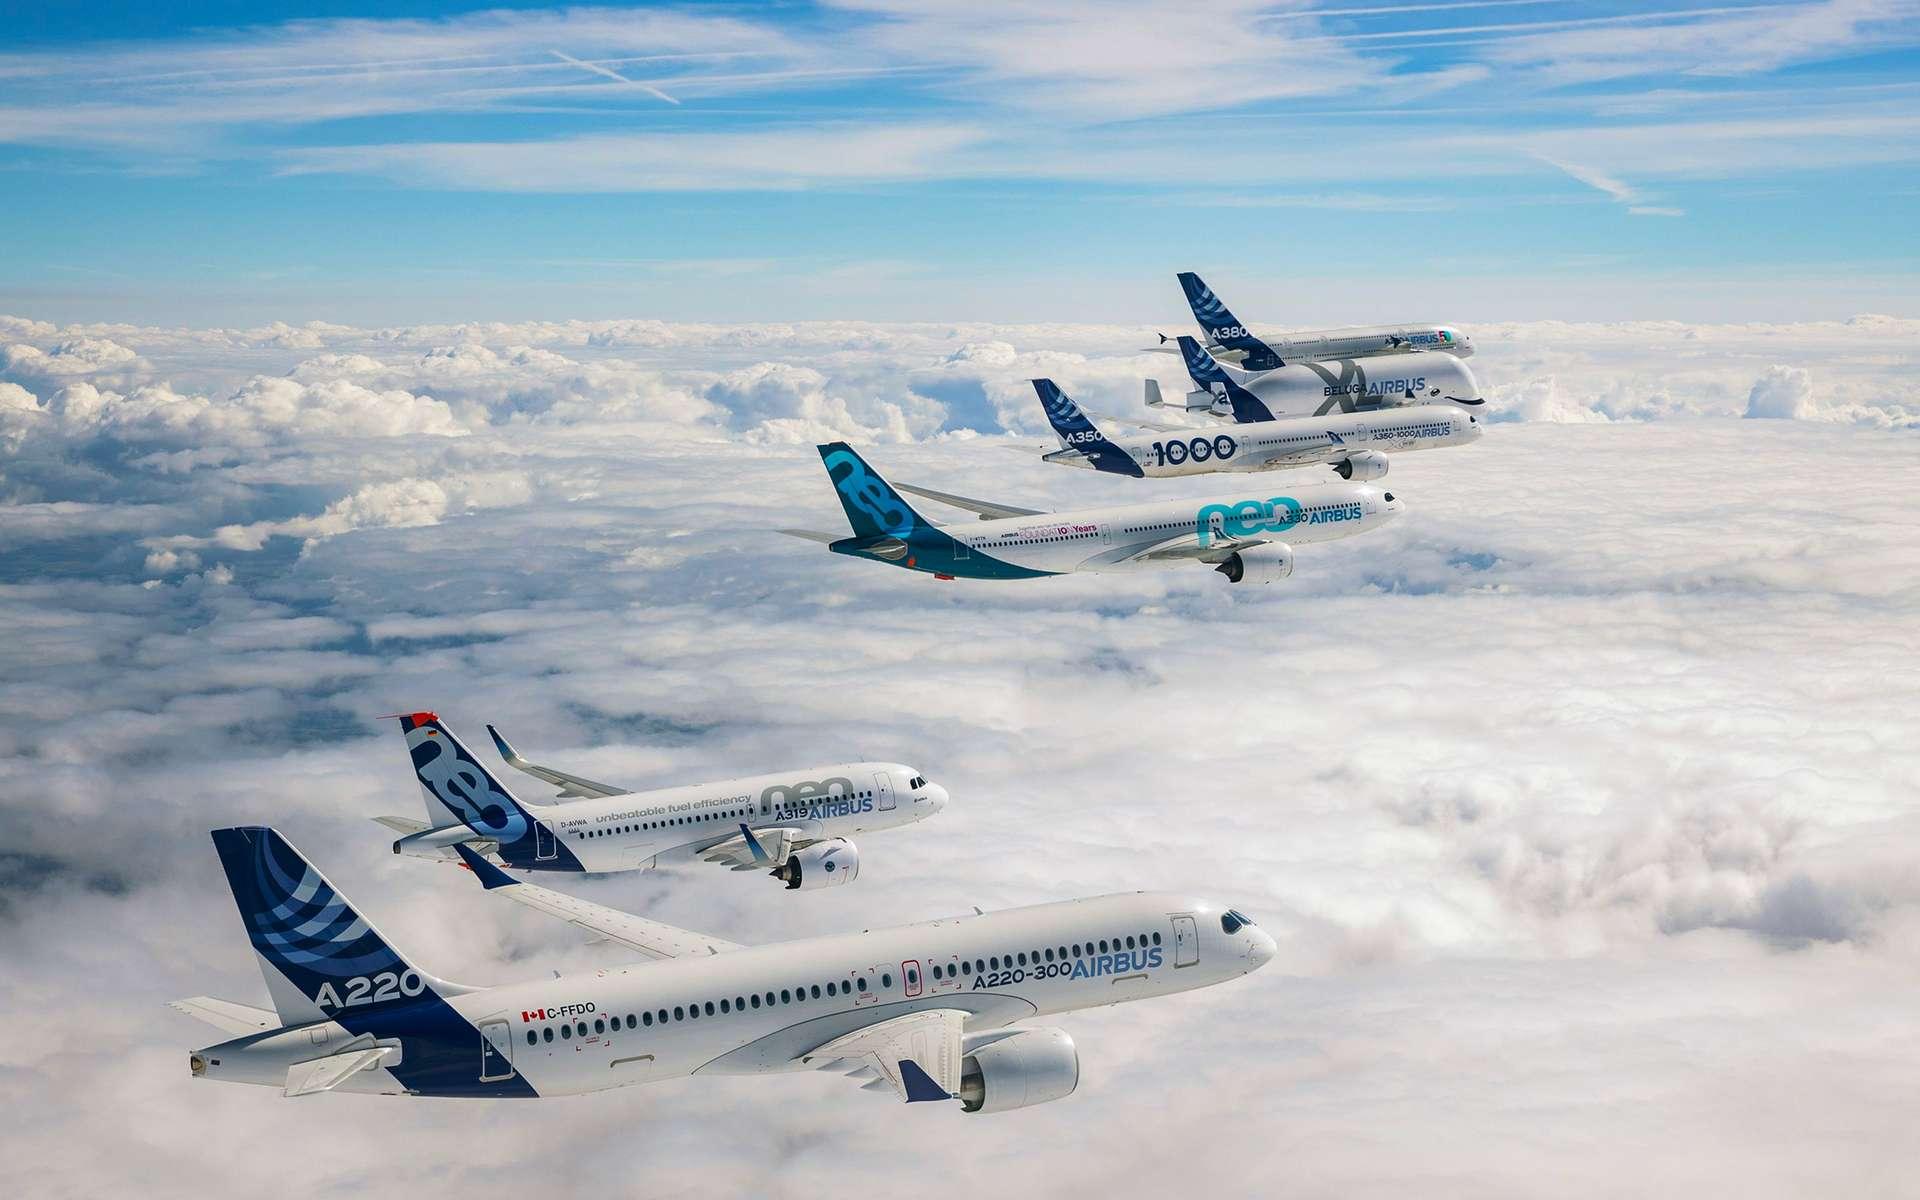 La gamme des avions commerciaux réunis en vol lors des 50 ans de l'avionneur européen. © Airbus, S. Ramadier